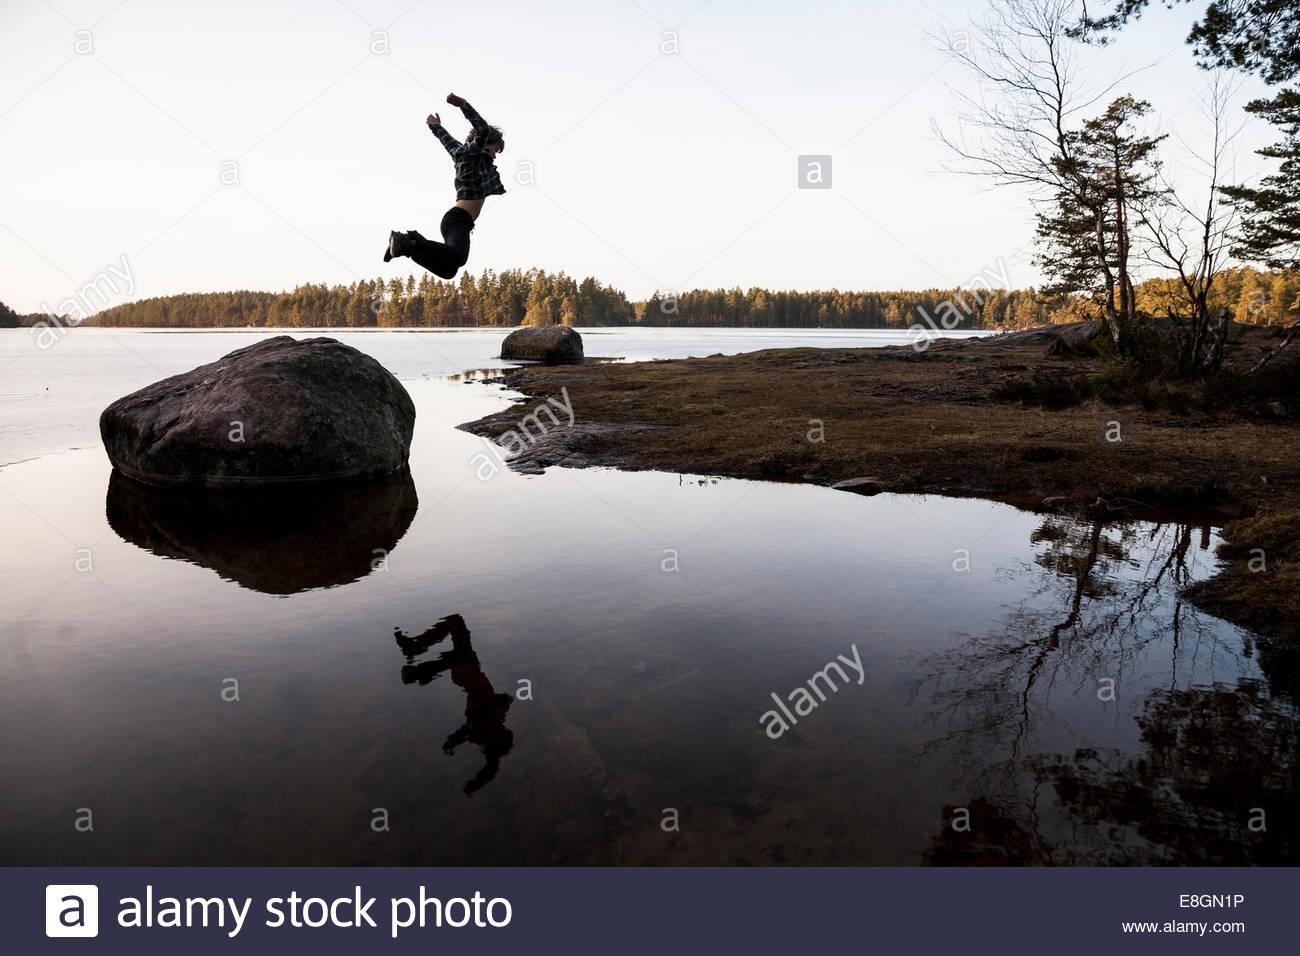 La longitud total del muchacho saltando de piedra sobre el agua Imagen De Stock